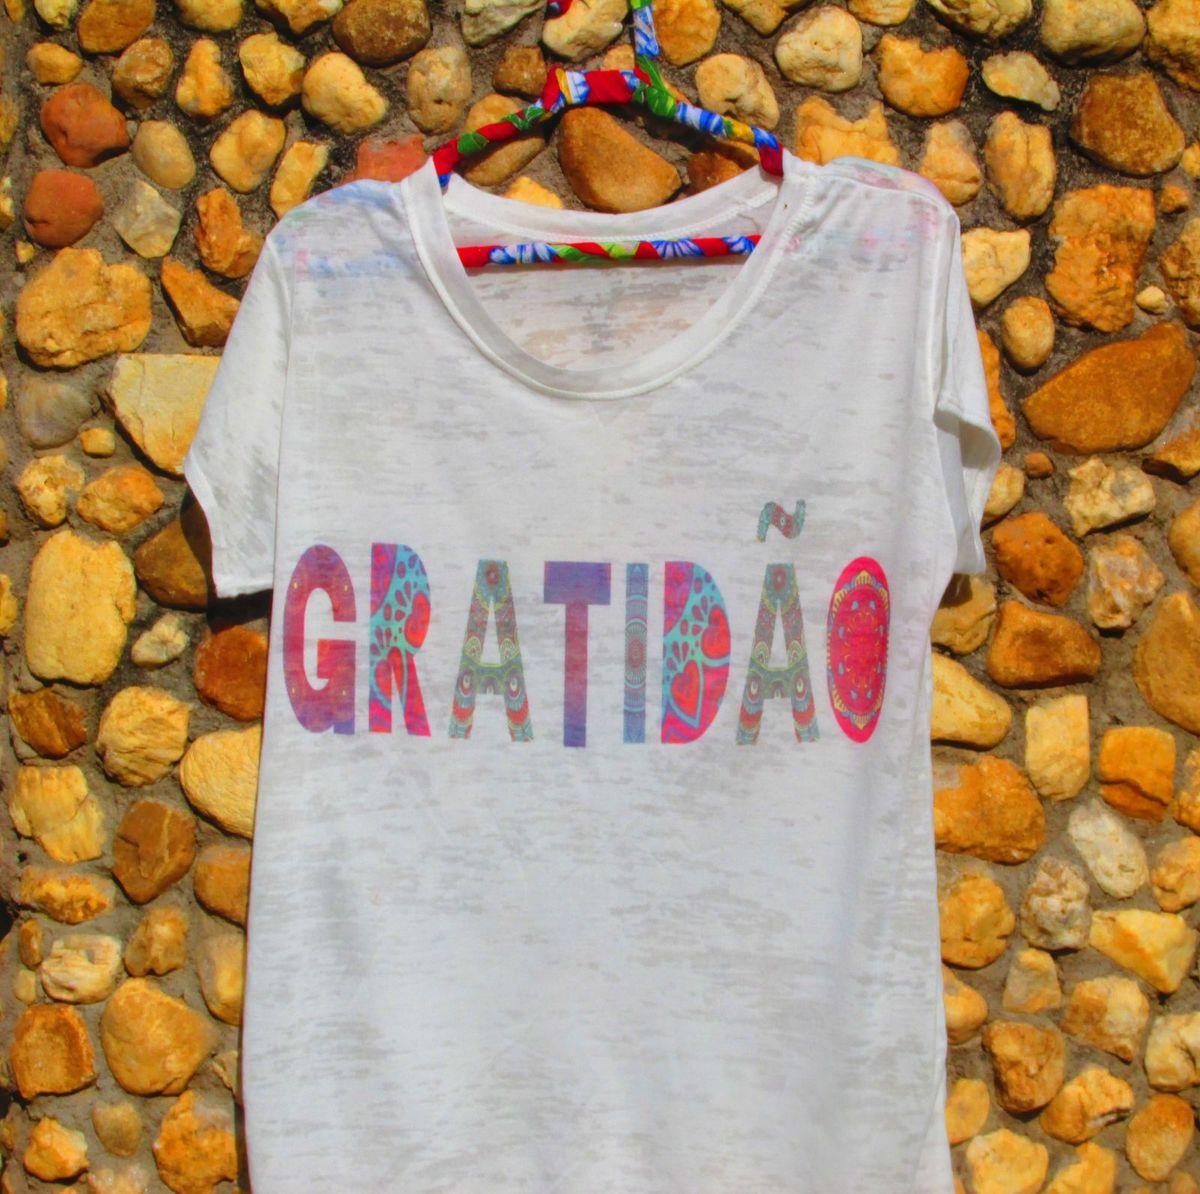 4e7c026f0 blusa boho gratidão - blusas sem marca.  Czm6ly9wag90b3muzw5qb2vplmnvbs5ici9wcm9kdwn0cy80njewnzk5l2y0zdzkzdg5ytq1zjqxodfjzdzmogrmzjvkmmzmmjmzlmpwzw